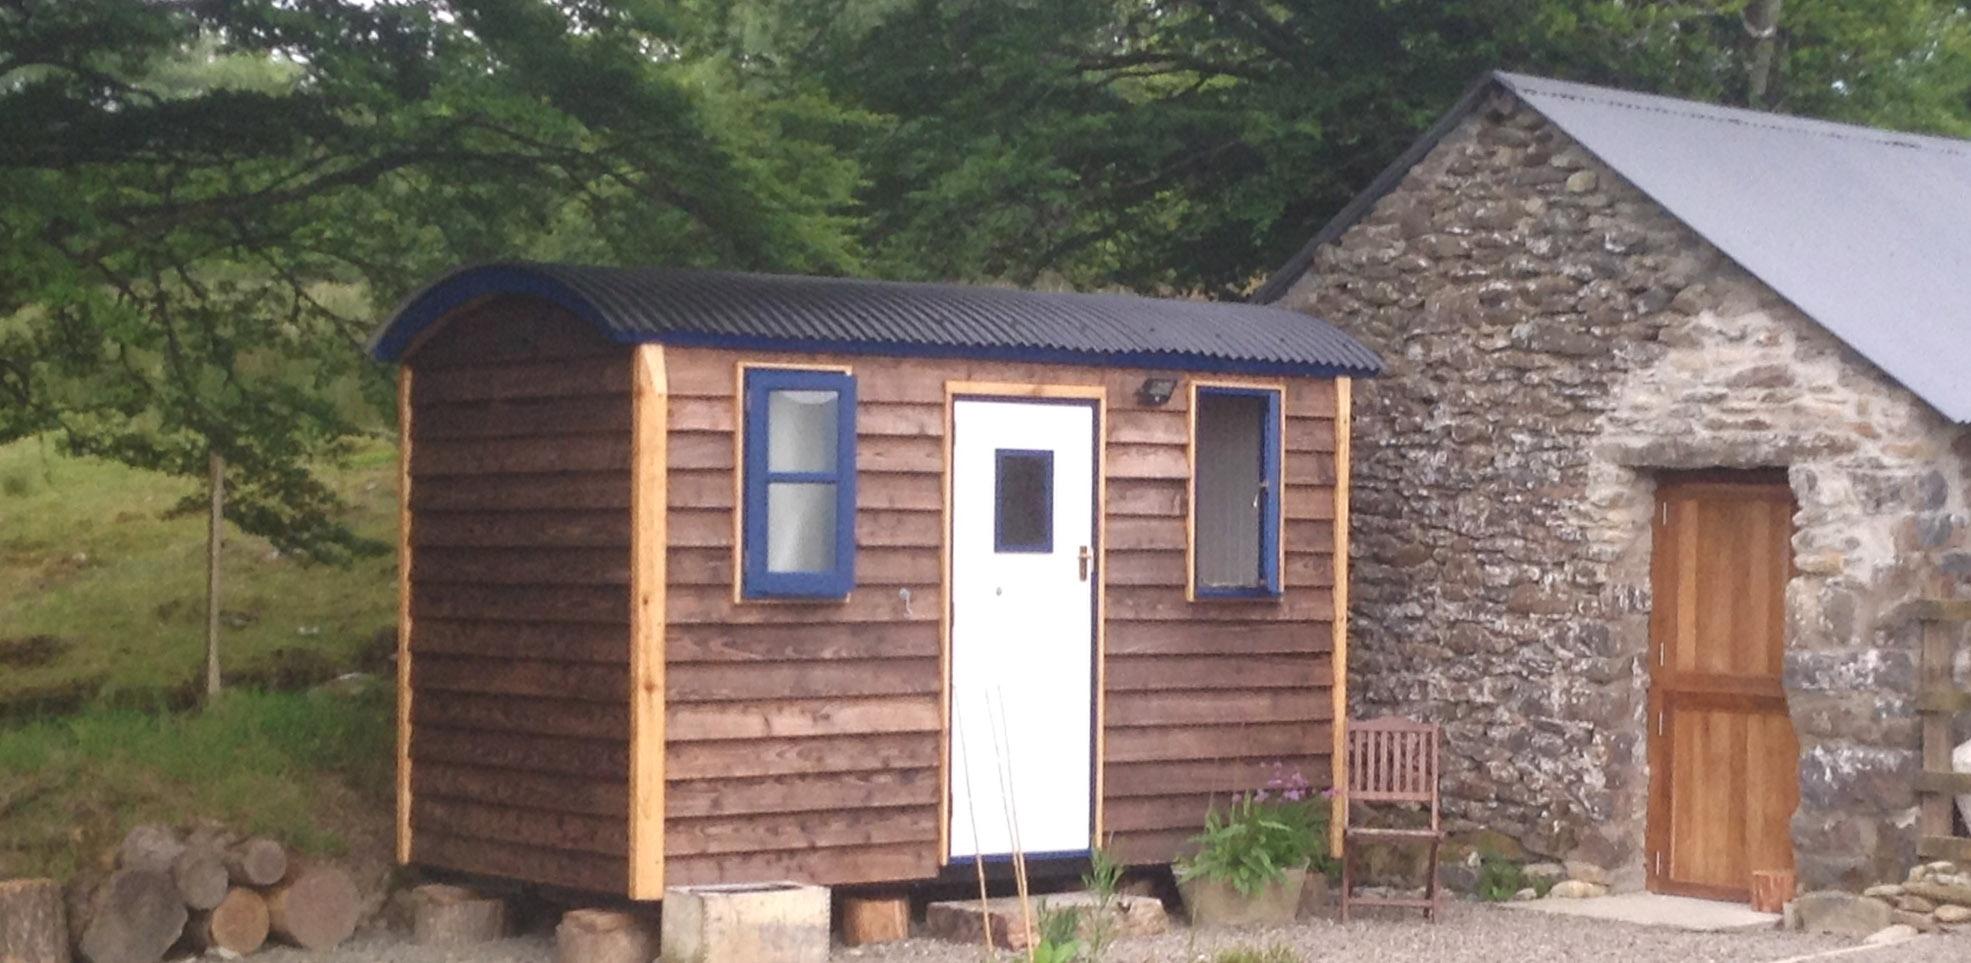 Eco-campsite shower wagon.